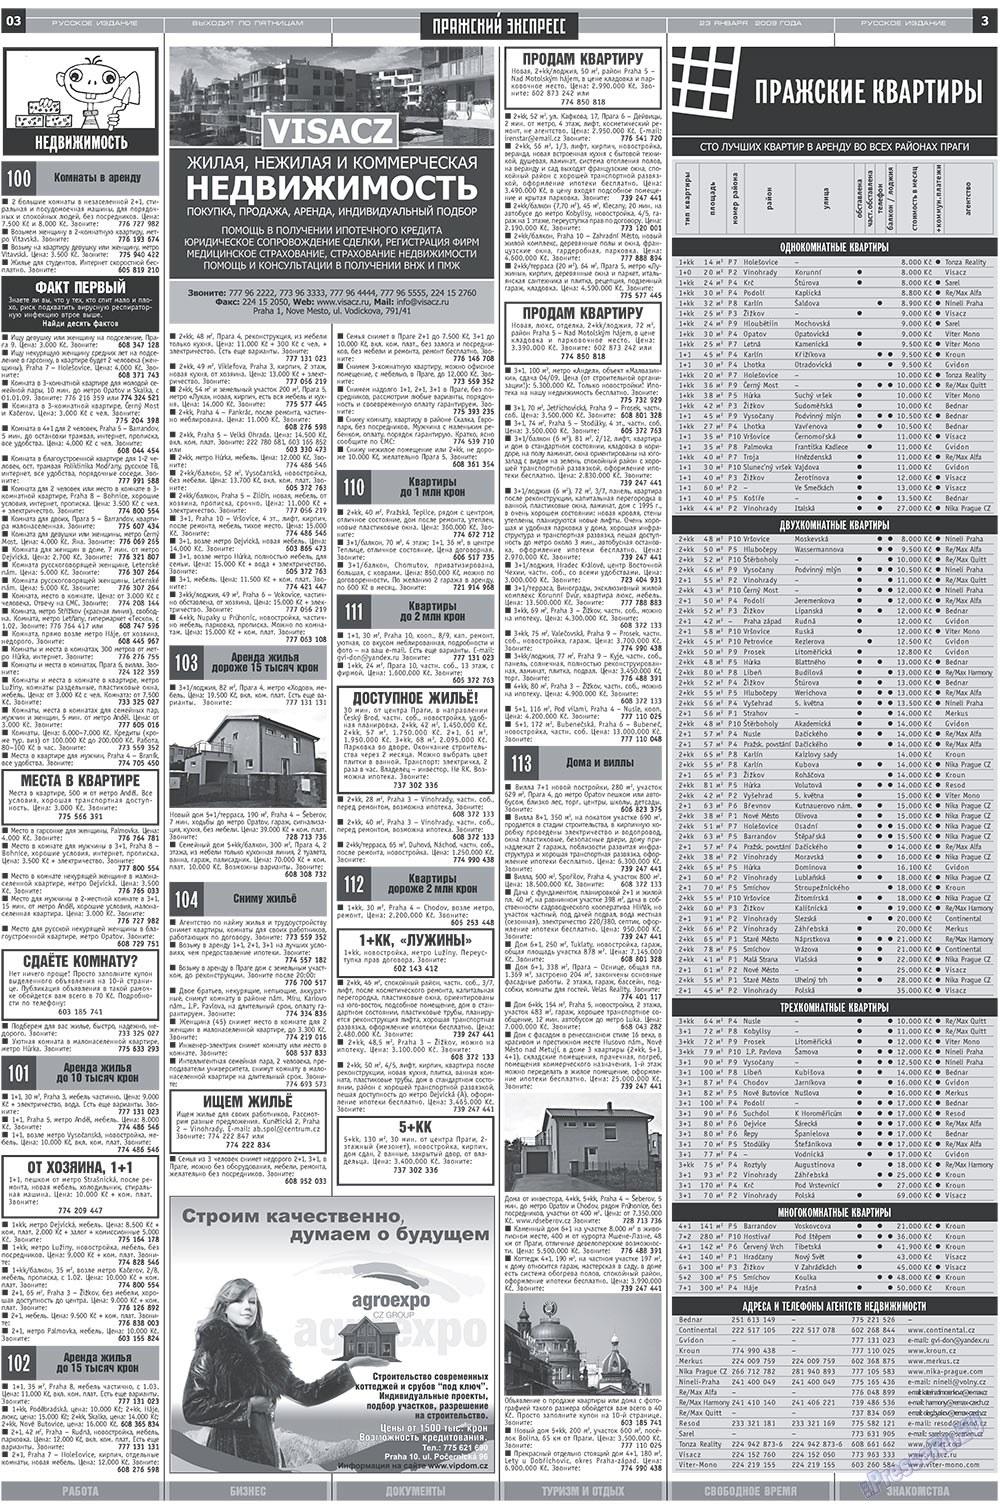 Пражский экспресс (газета). 2009 год, номер 3, стр. 3